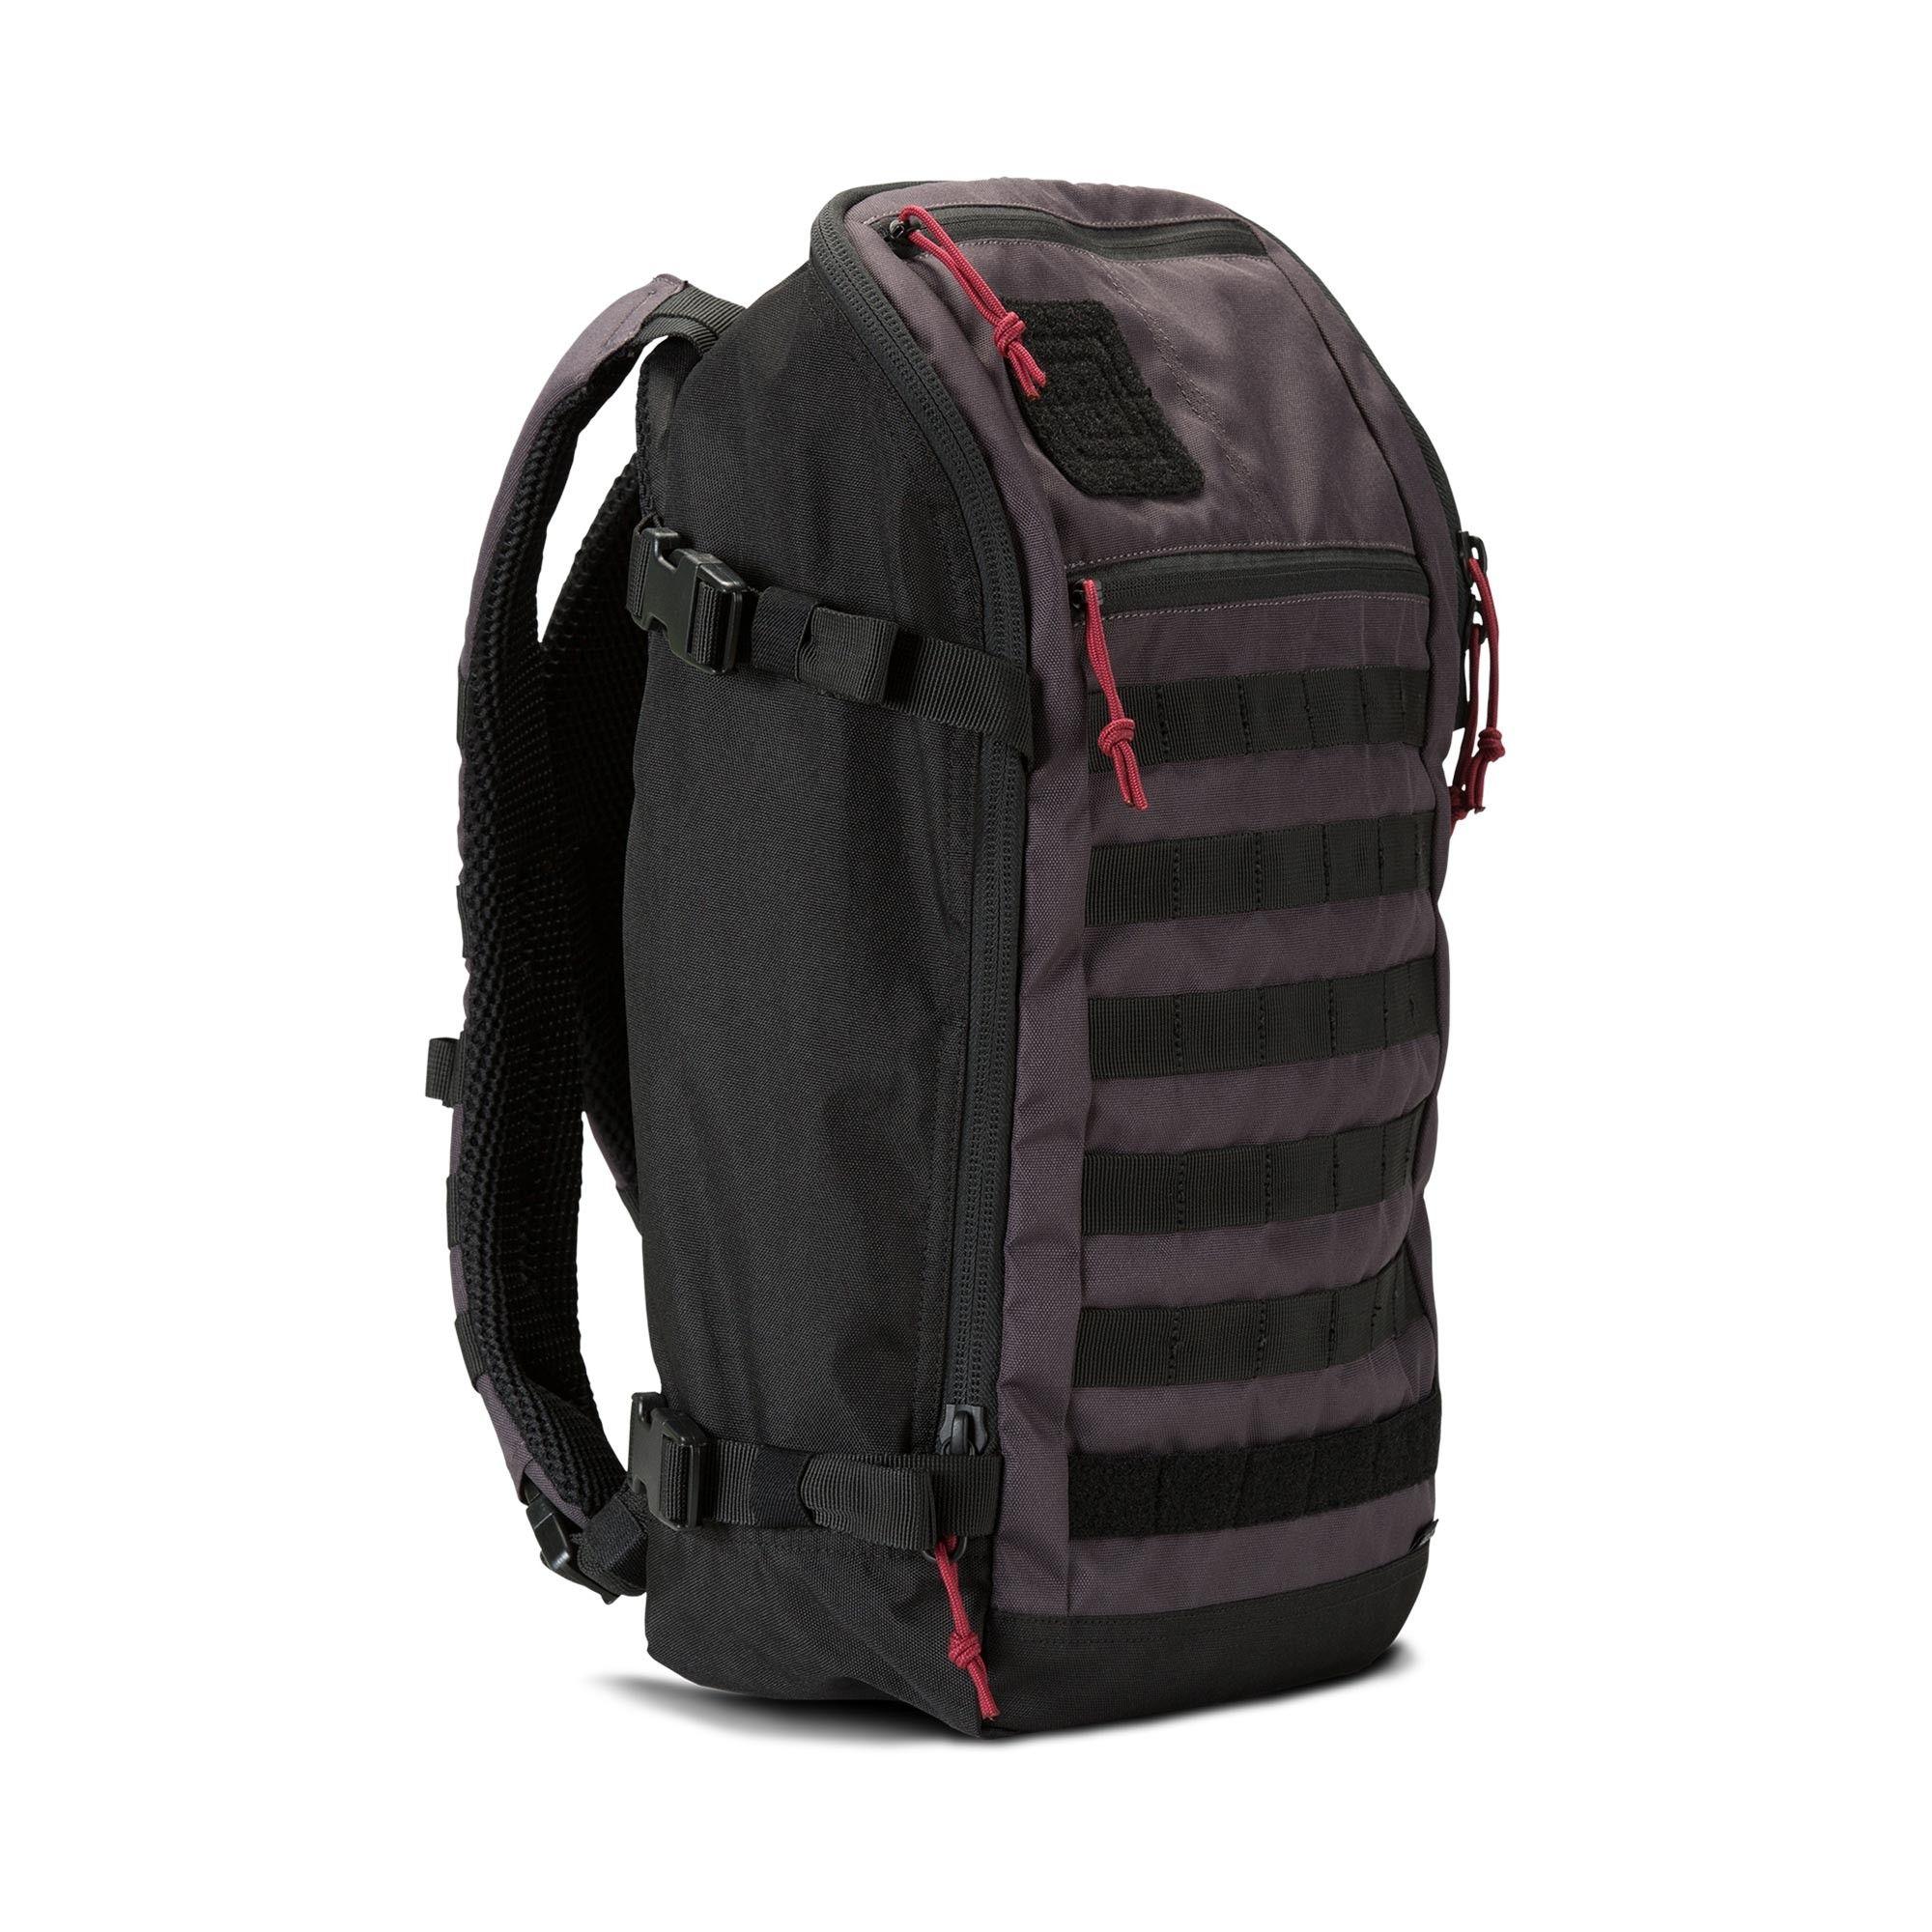 Рюкзак vanguard oregon 54 концепт рюкзака для туризма